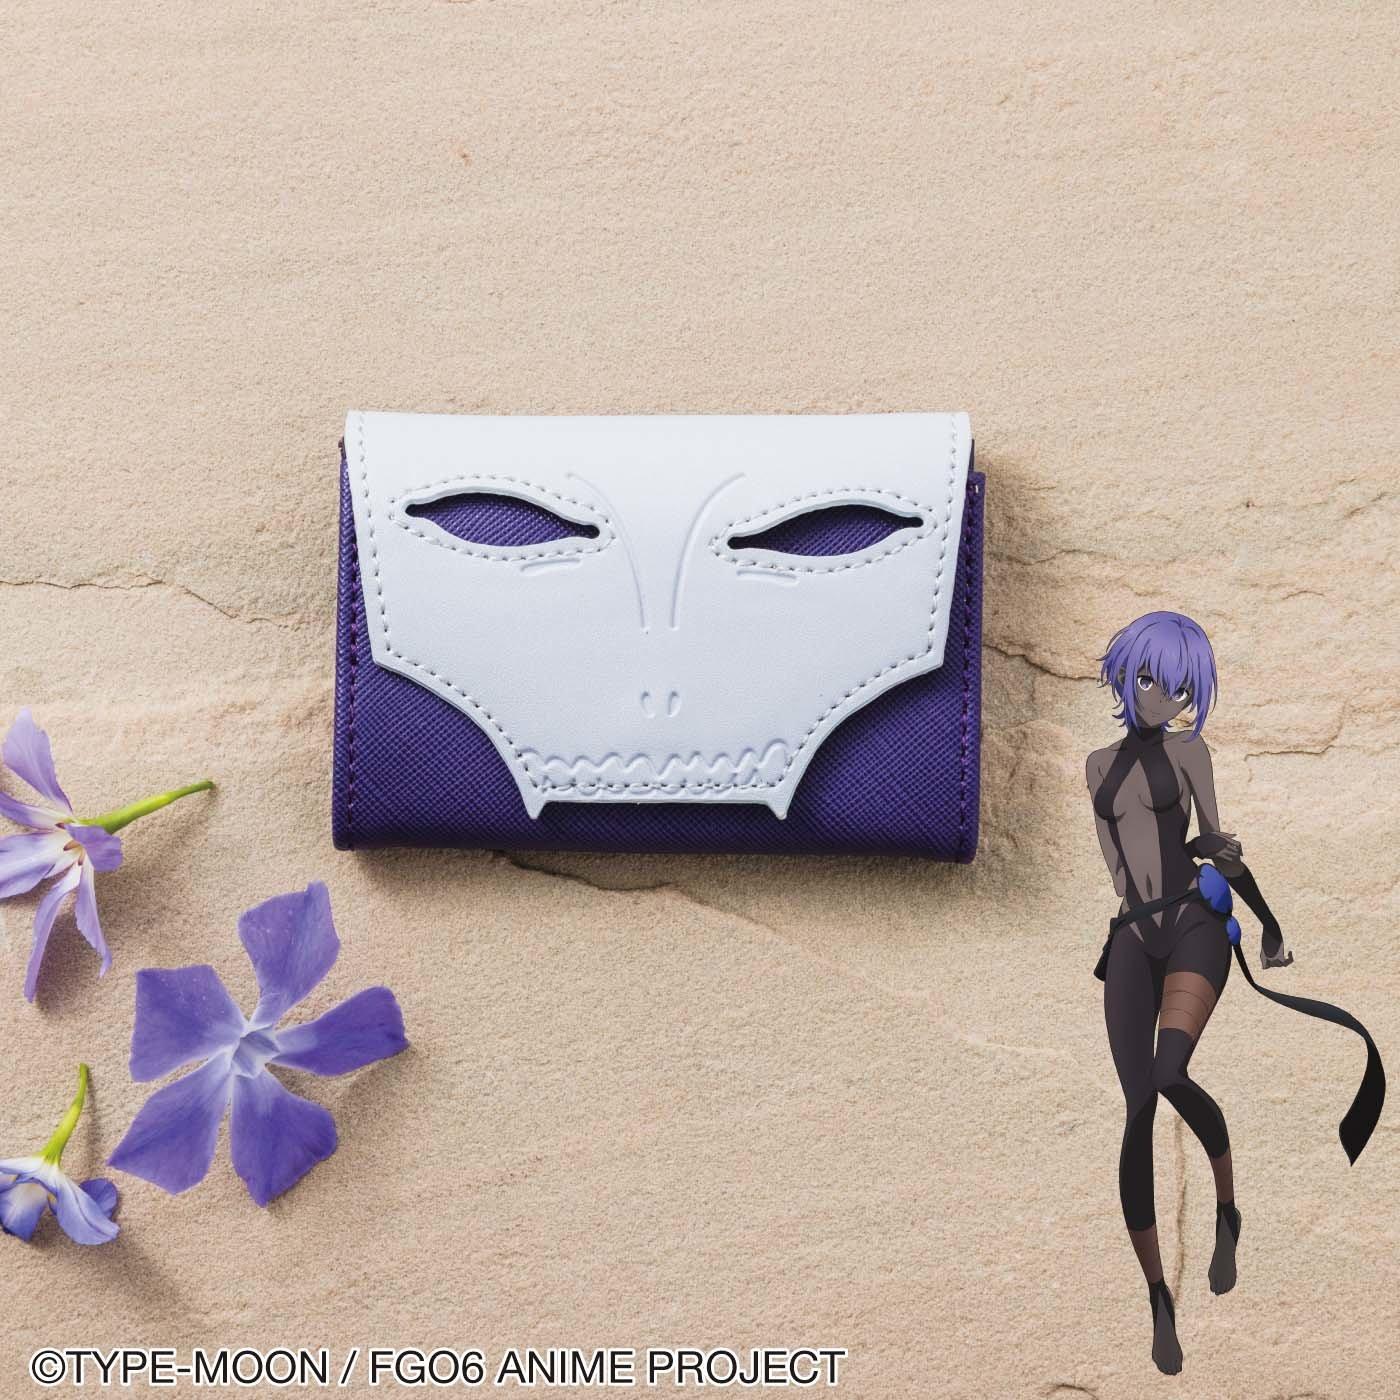 劇場版Fate/Grand Order-神聖円卓領域キャメロット- ハサンの仮面キーケース〈静謐のハサン〉